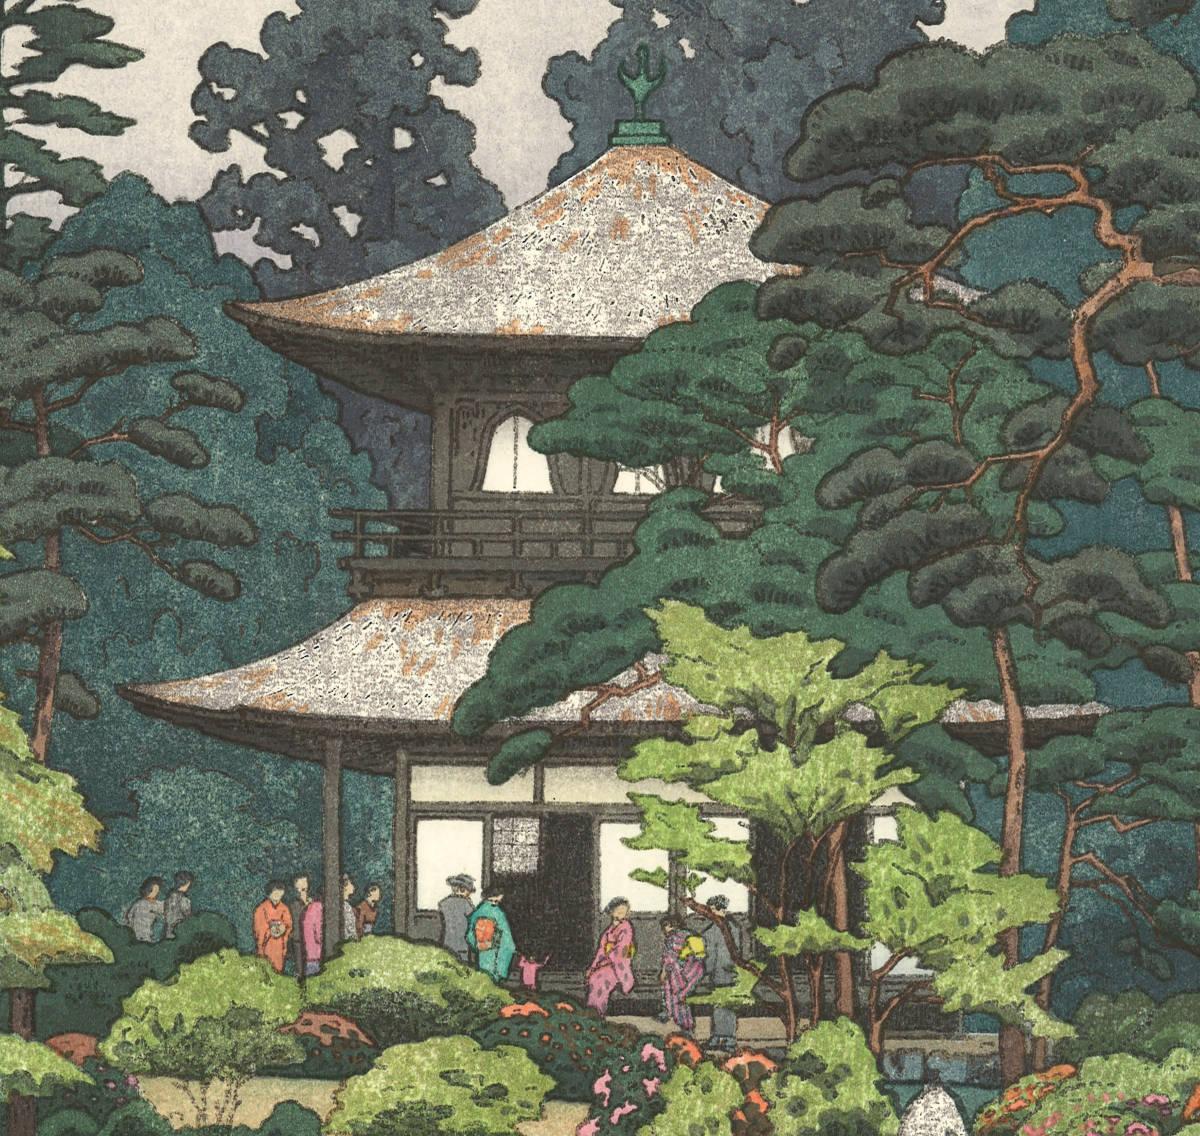 吉田遠志 木版画 015112 銀閣 Silver pavilion kyoto 初摺1951年   最高峰の摺師の技をご堪能下さい!!_画像9